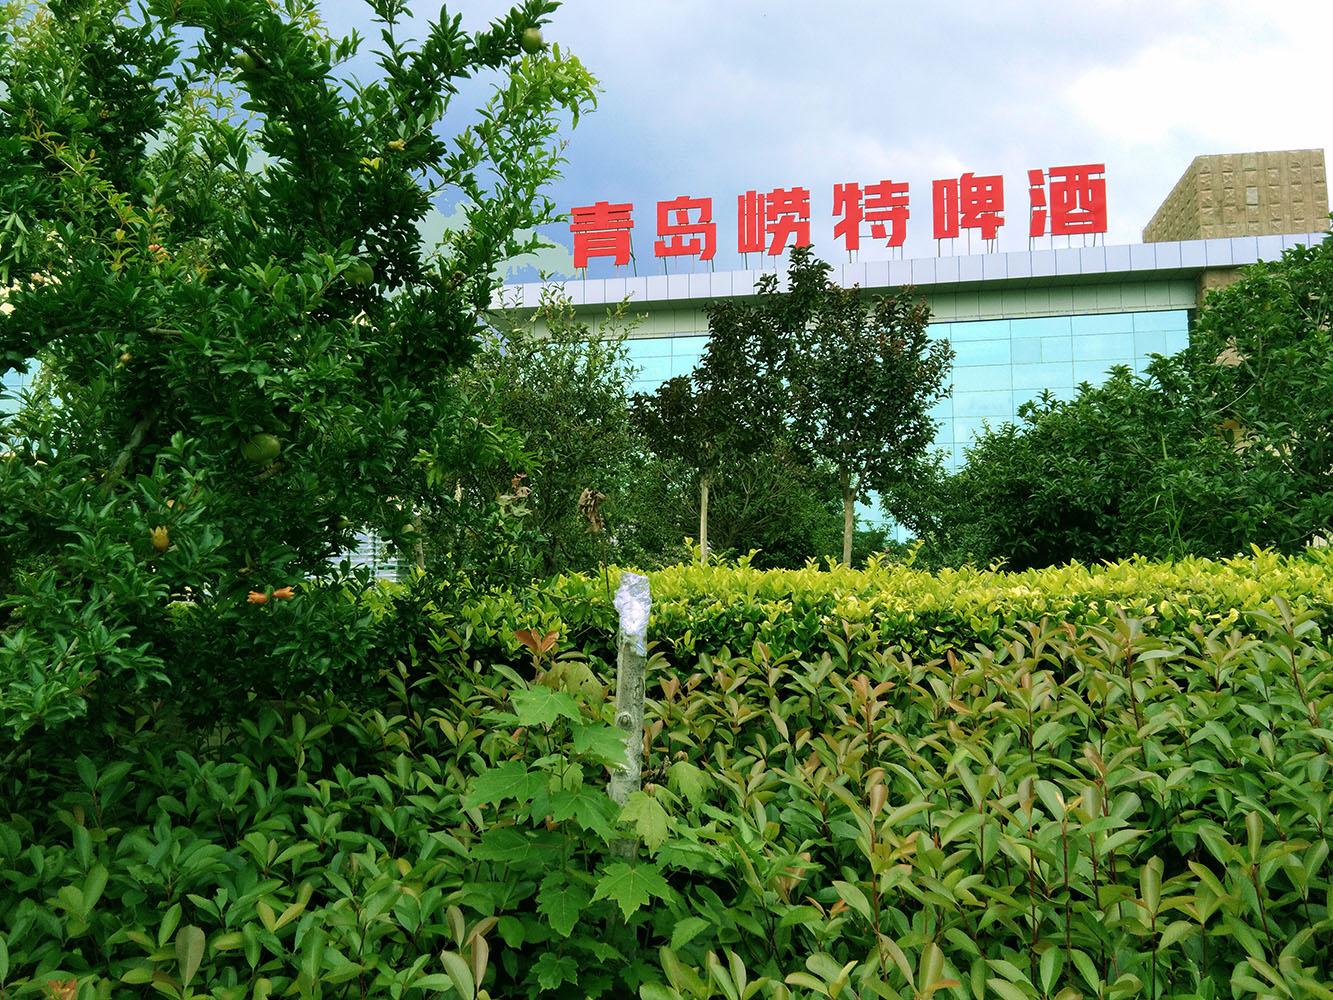 践行社会公民责任  打造绿色花园工厂